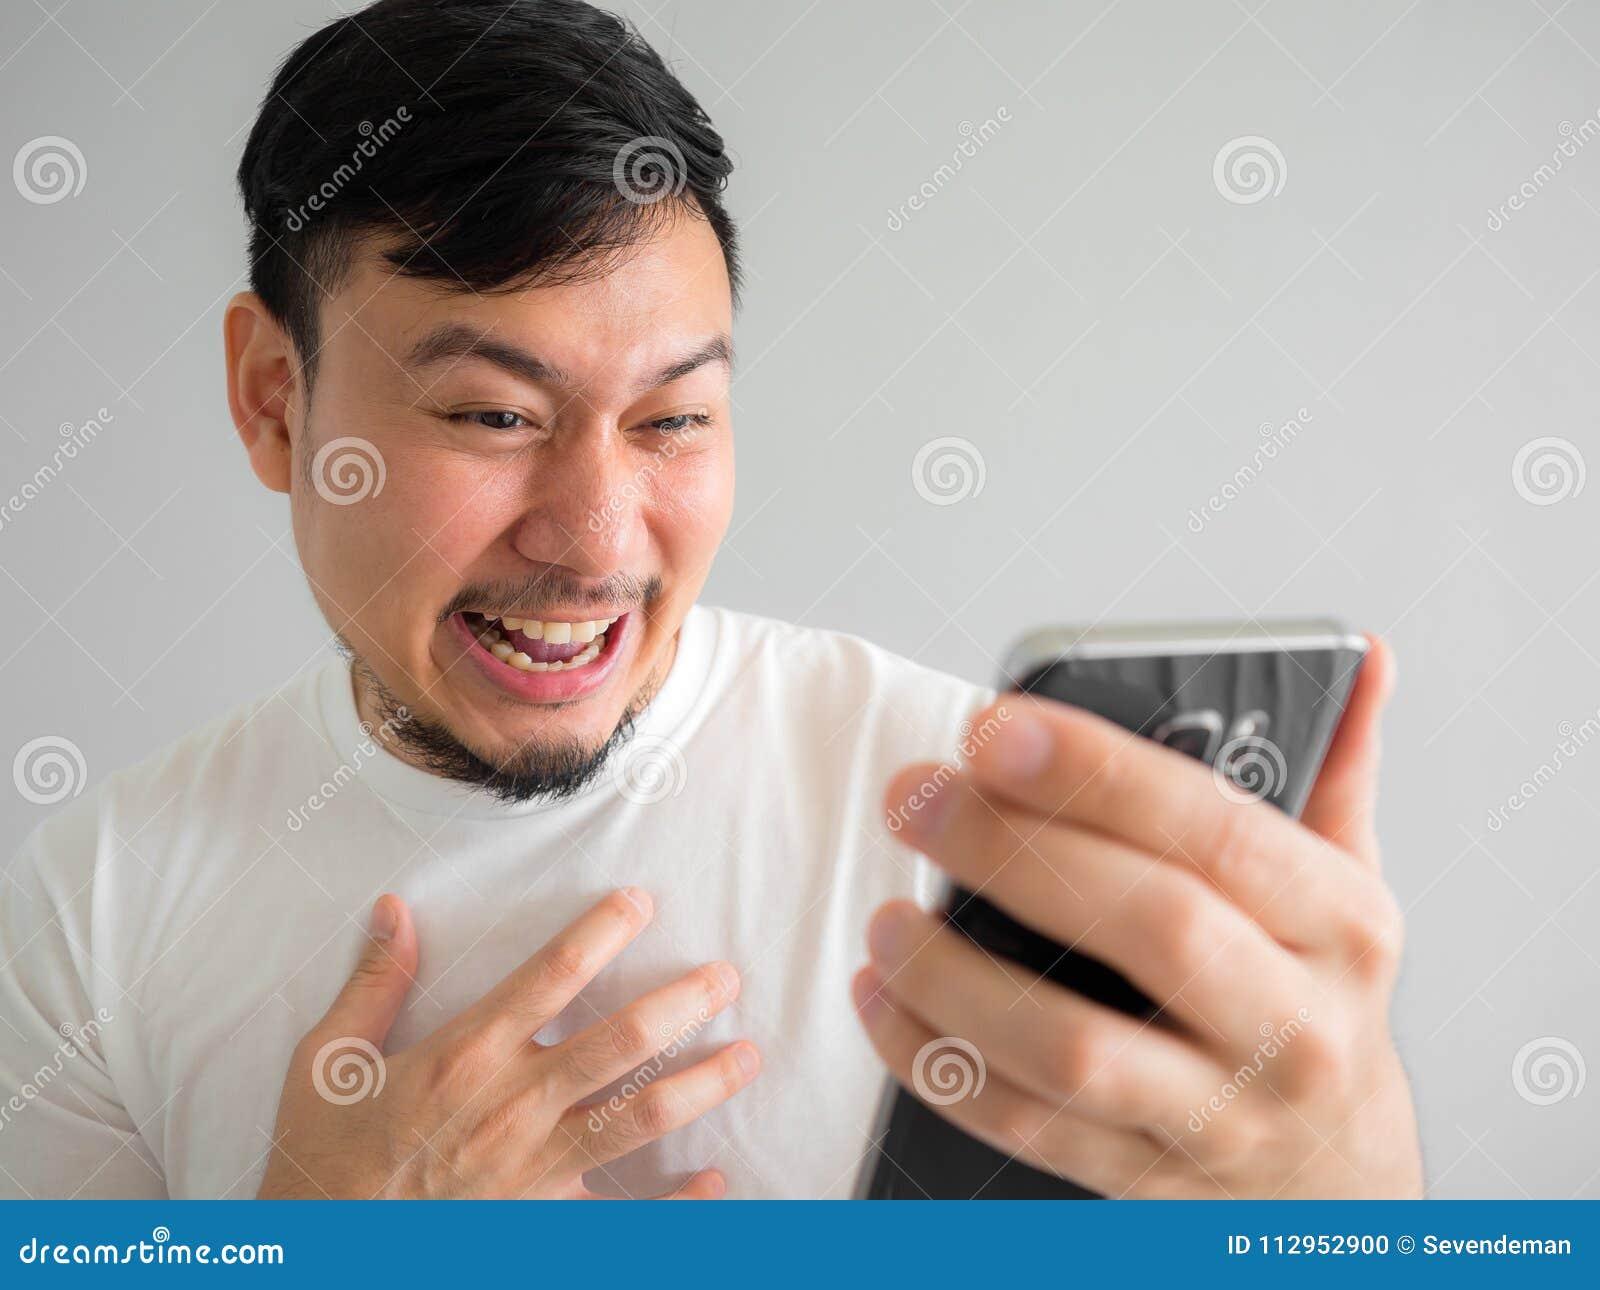 Śmieszna śmiech twarz ogląda śmieszną teledysk część w socjalny w smartphone mężczyzna